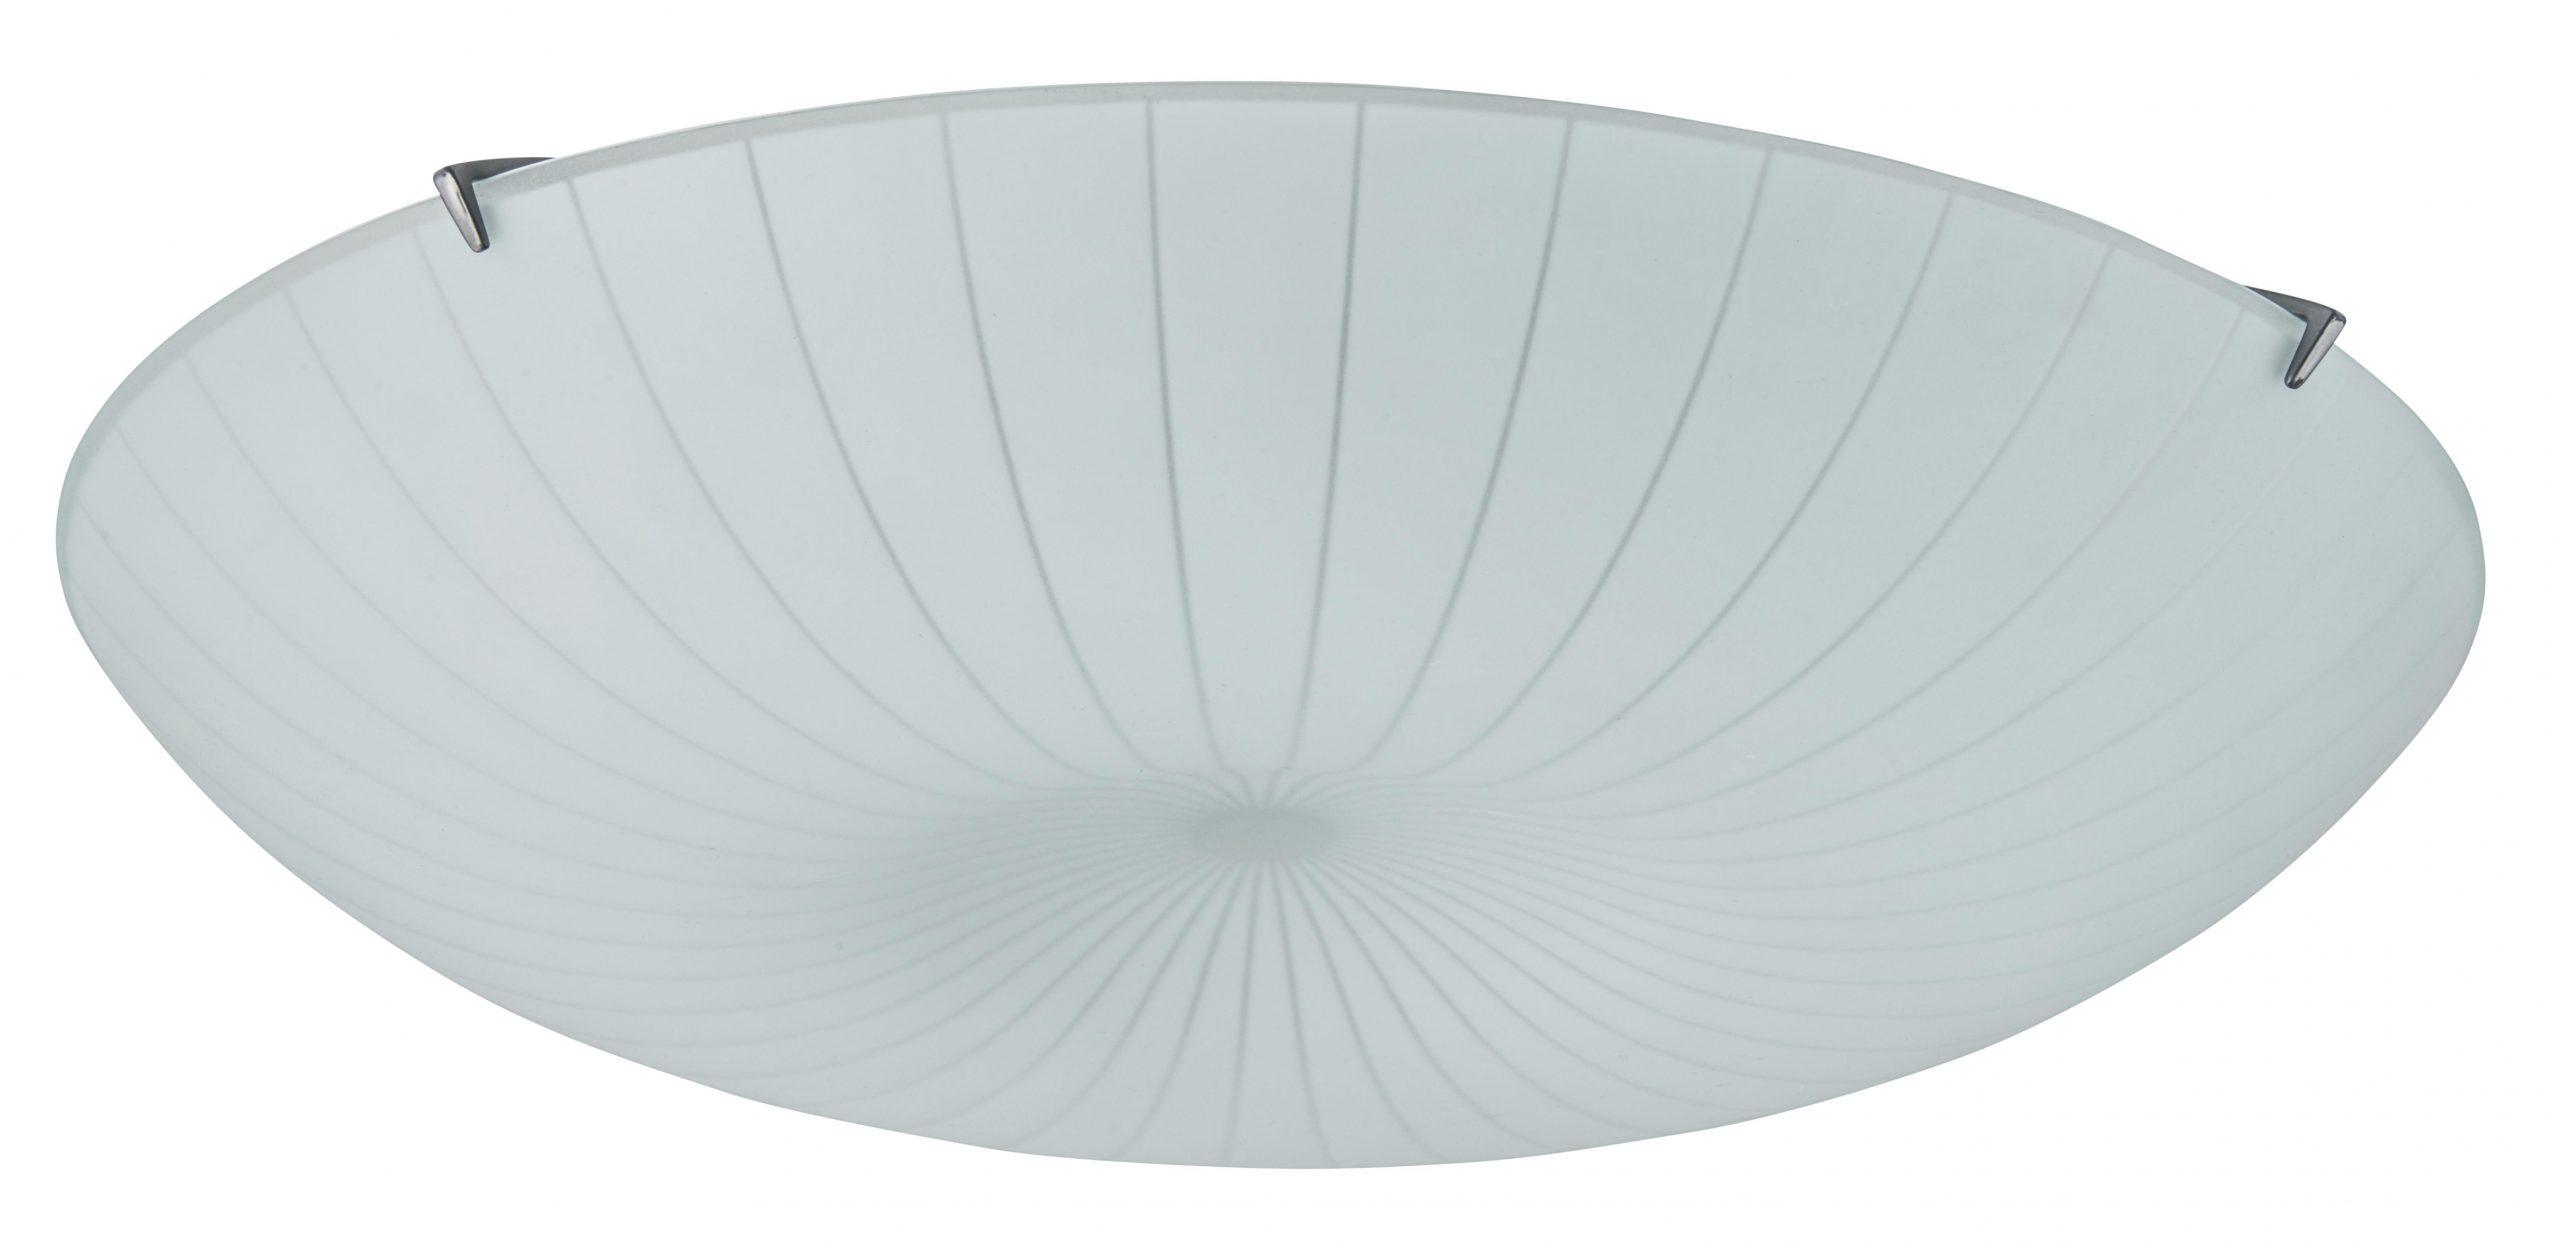 Full Size of Rckruf Bei Ikea Diese Lampe Hat Einen Abstrzenden Glasschirm Deckenlampe Schlafzimmer Esstisch Deckenlampen Für Wohnzimmer Küche Modern Sofa Mit Wohnzimmer Deckenlampe Ikea